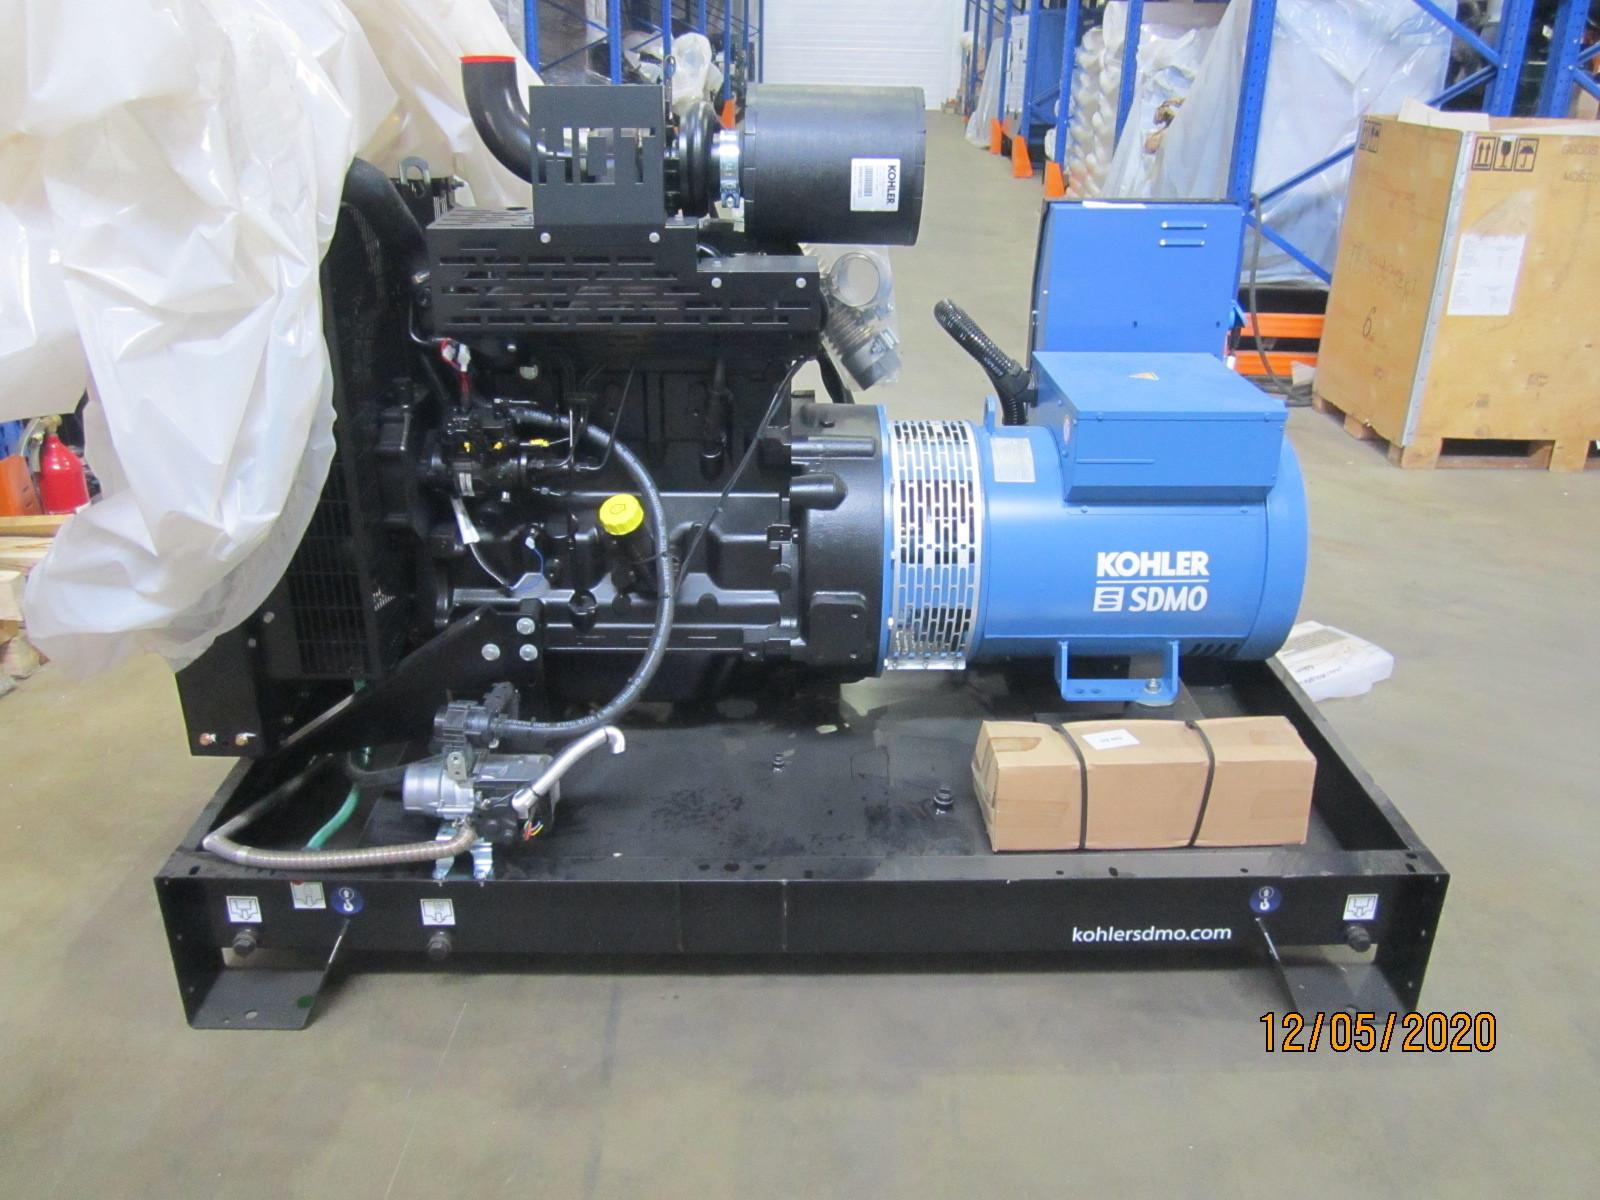 2 ДГУ SDMO J33 и J66, для энергетической компании